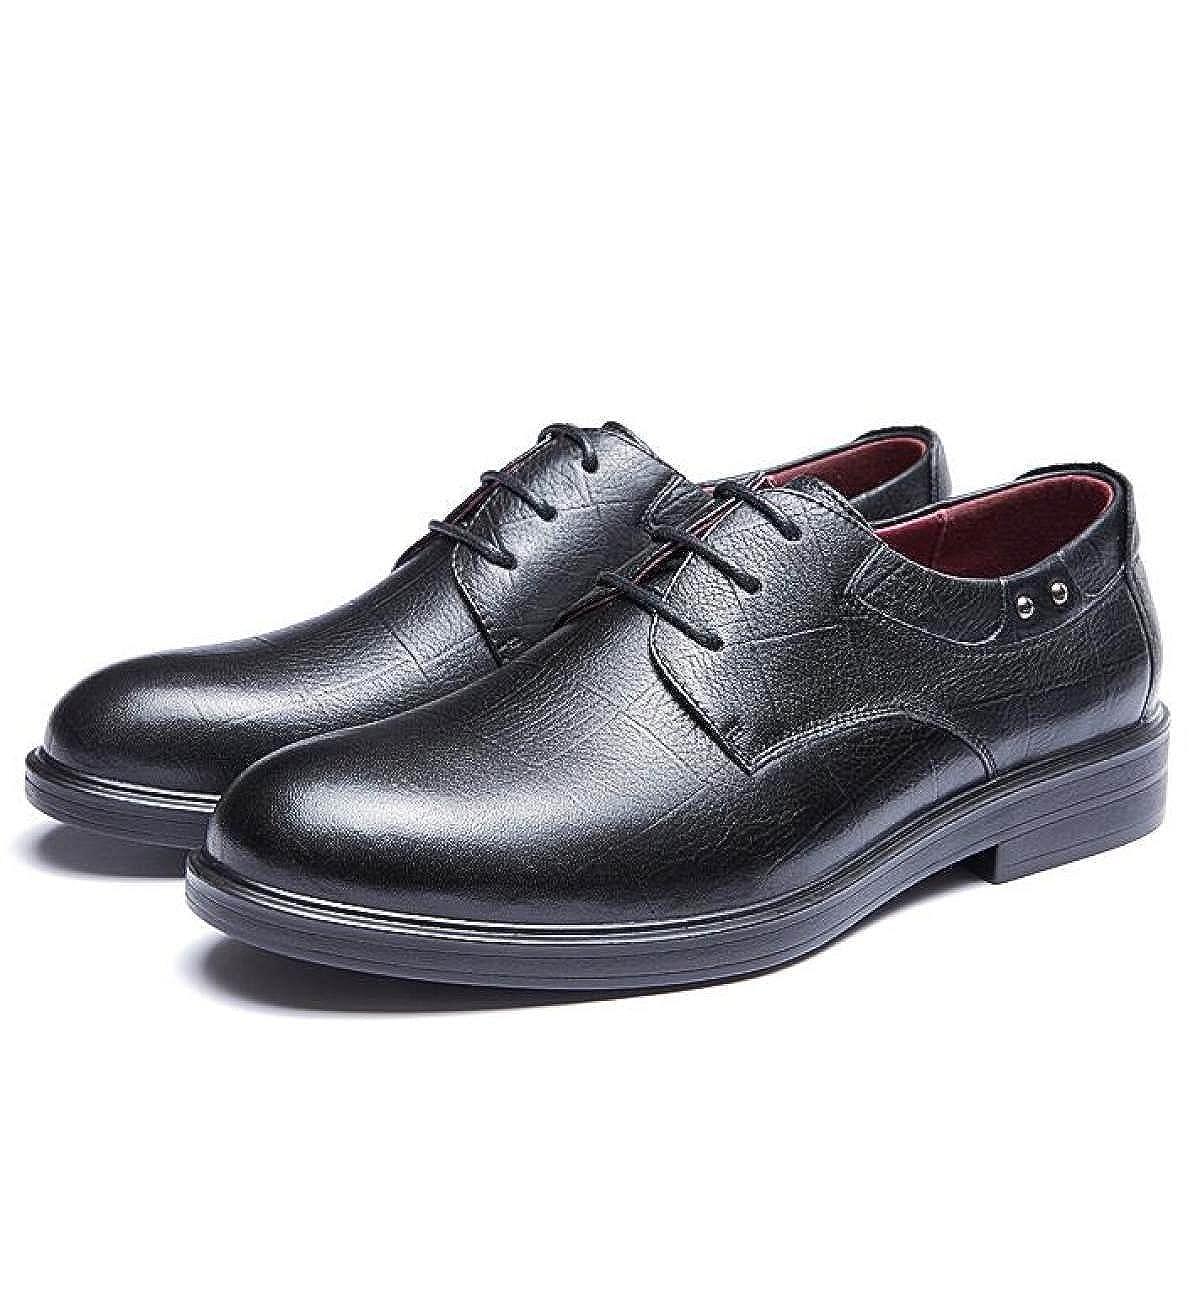 LEDLFIE Business Formalwear Schuhe Jugend Männer Mode Rutschfeste Spitze Jugend Schuhe schwarz 3705cb